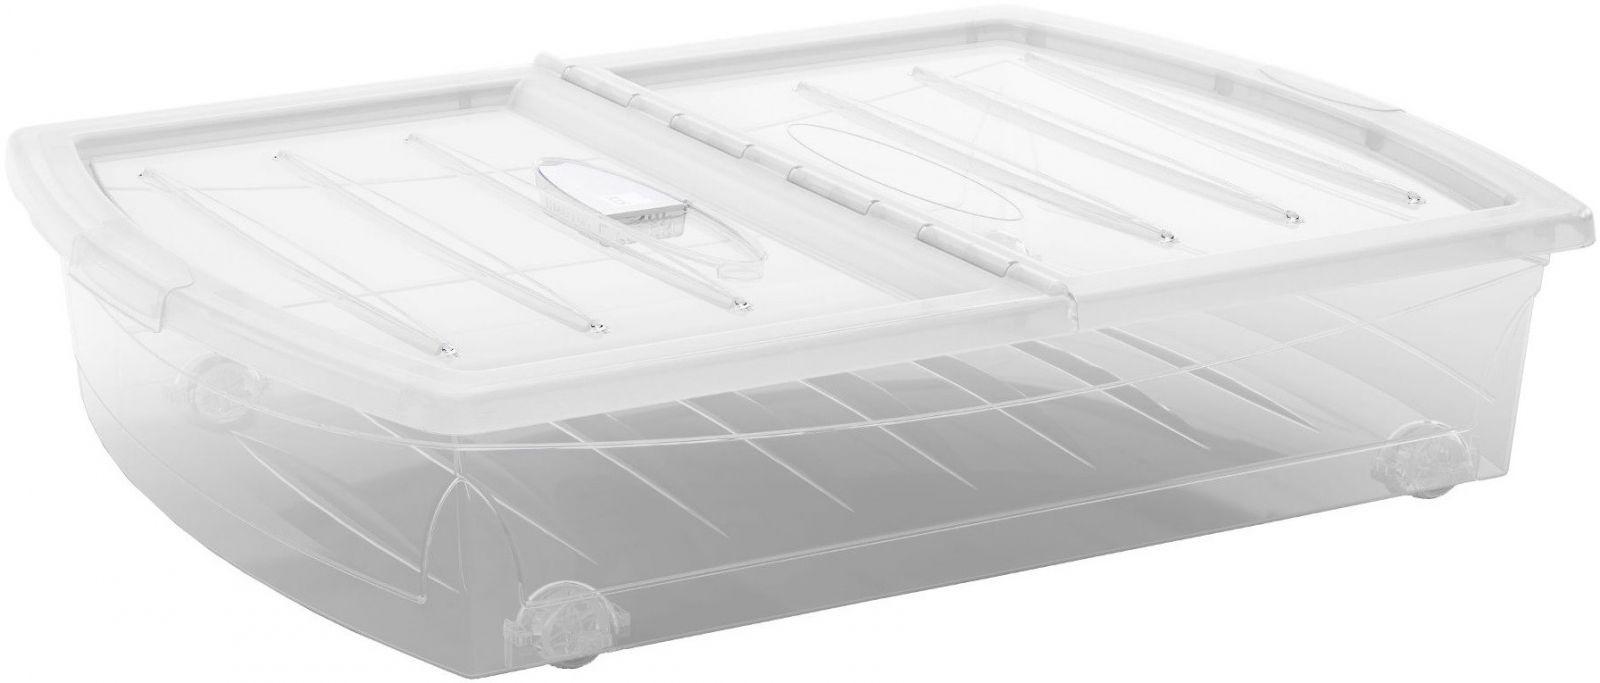 KIS Plastový úložný Spinning Box XL průhledný, Průhledné víko, 56 L